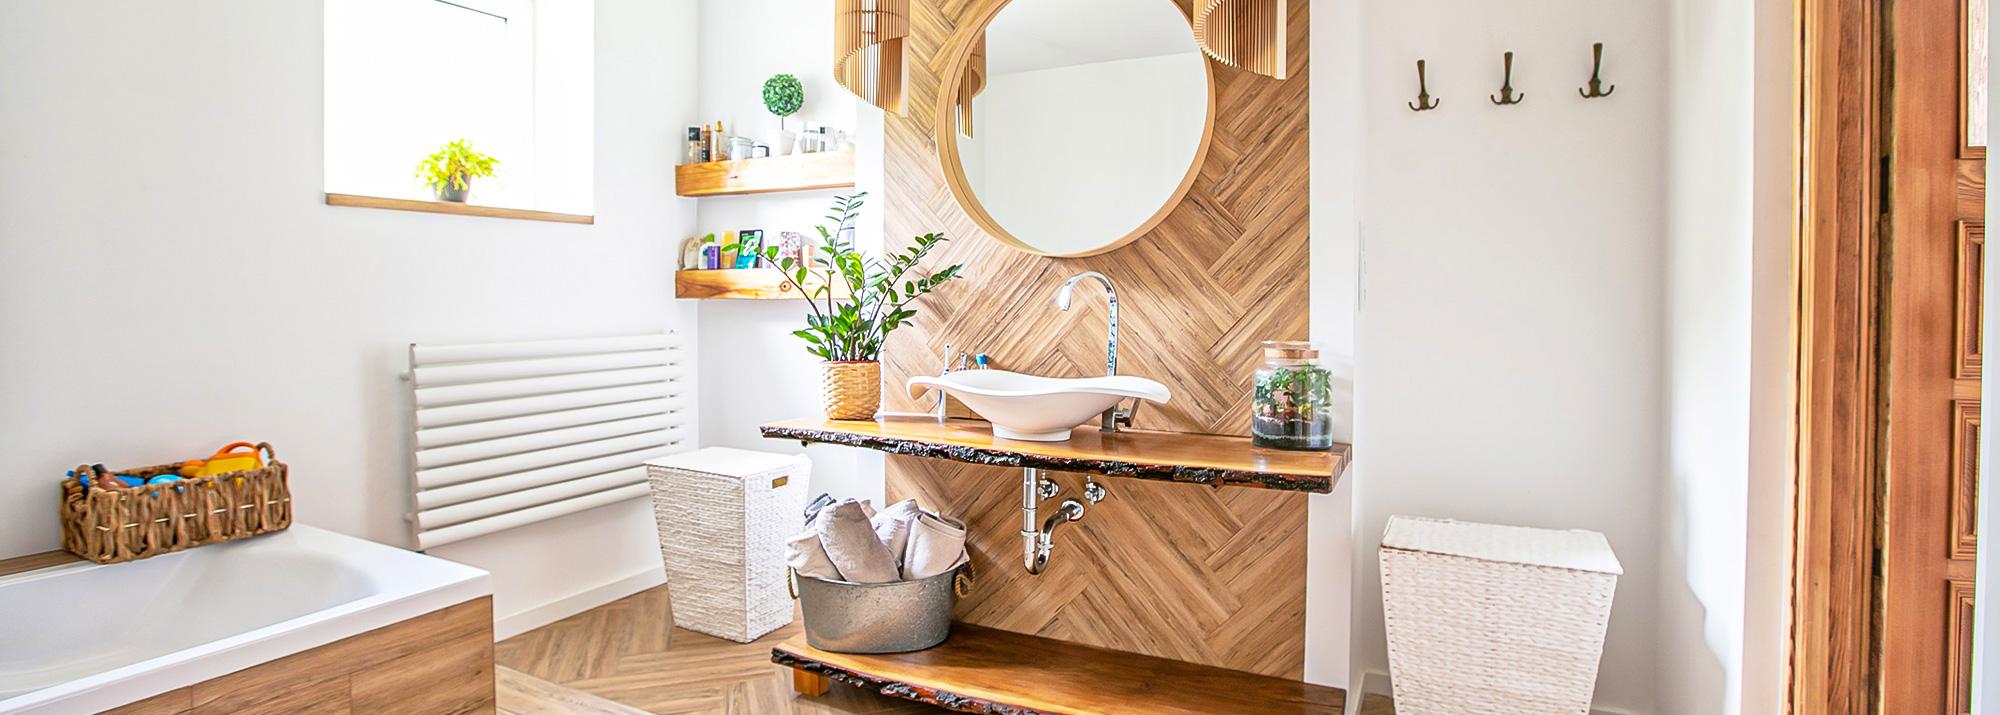 5 ideias para reformar o banheiro da sua casa sem precisar quebrar os azulejos e revestimentos